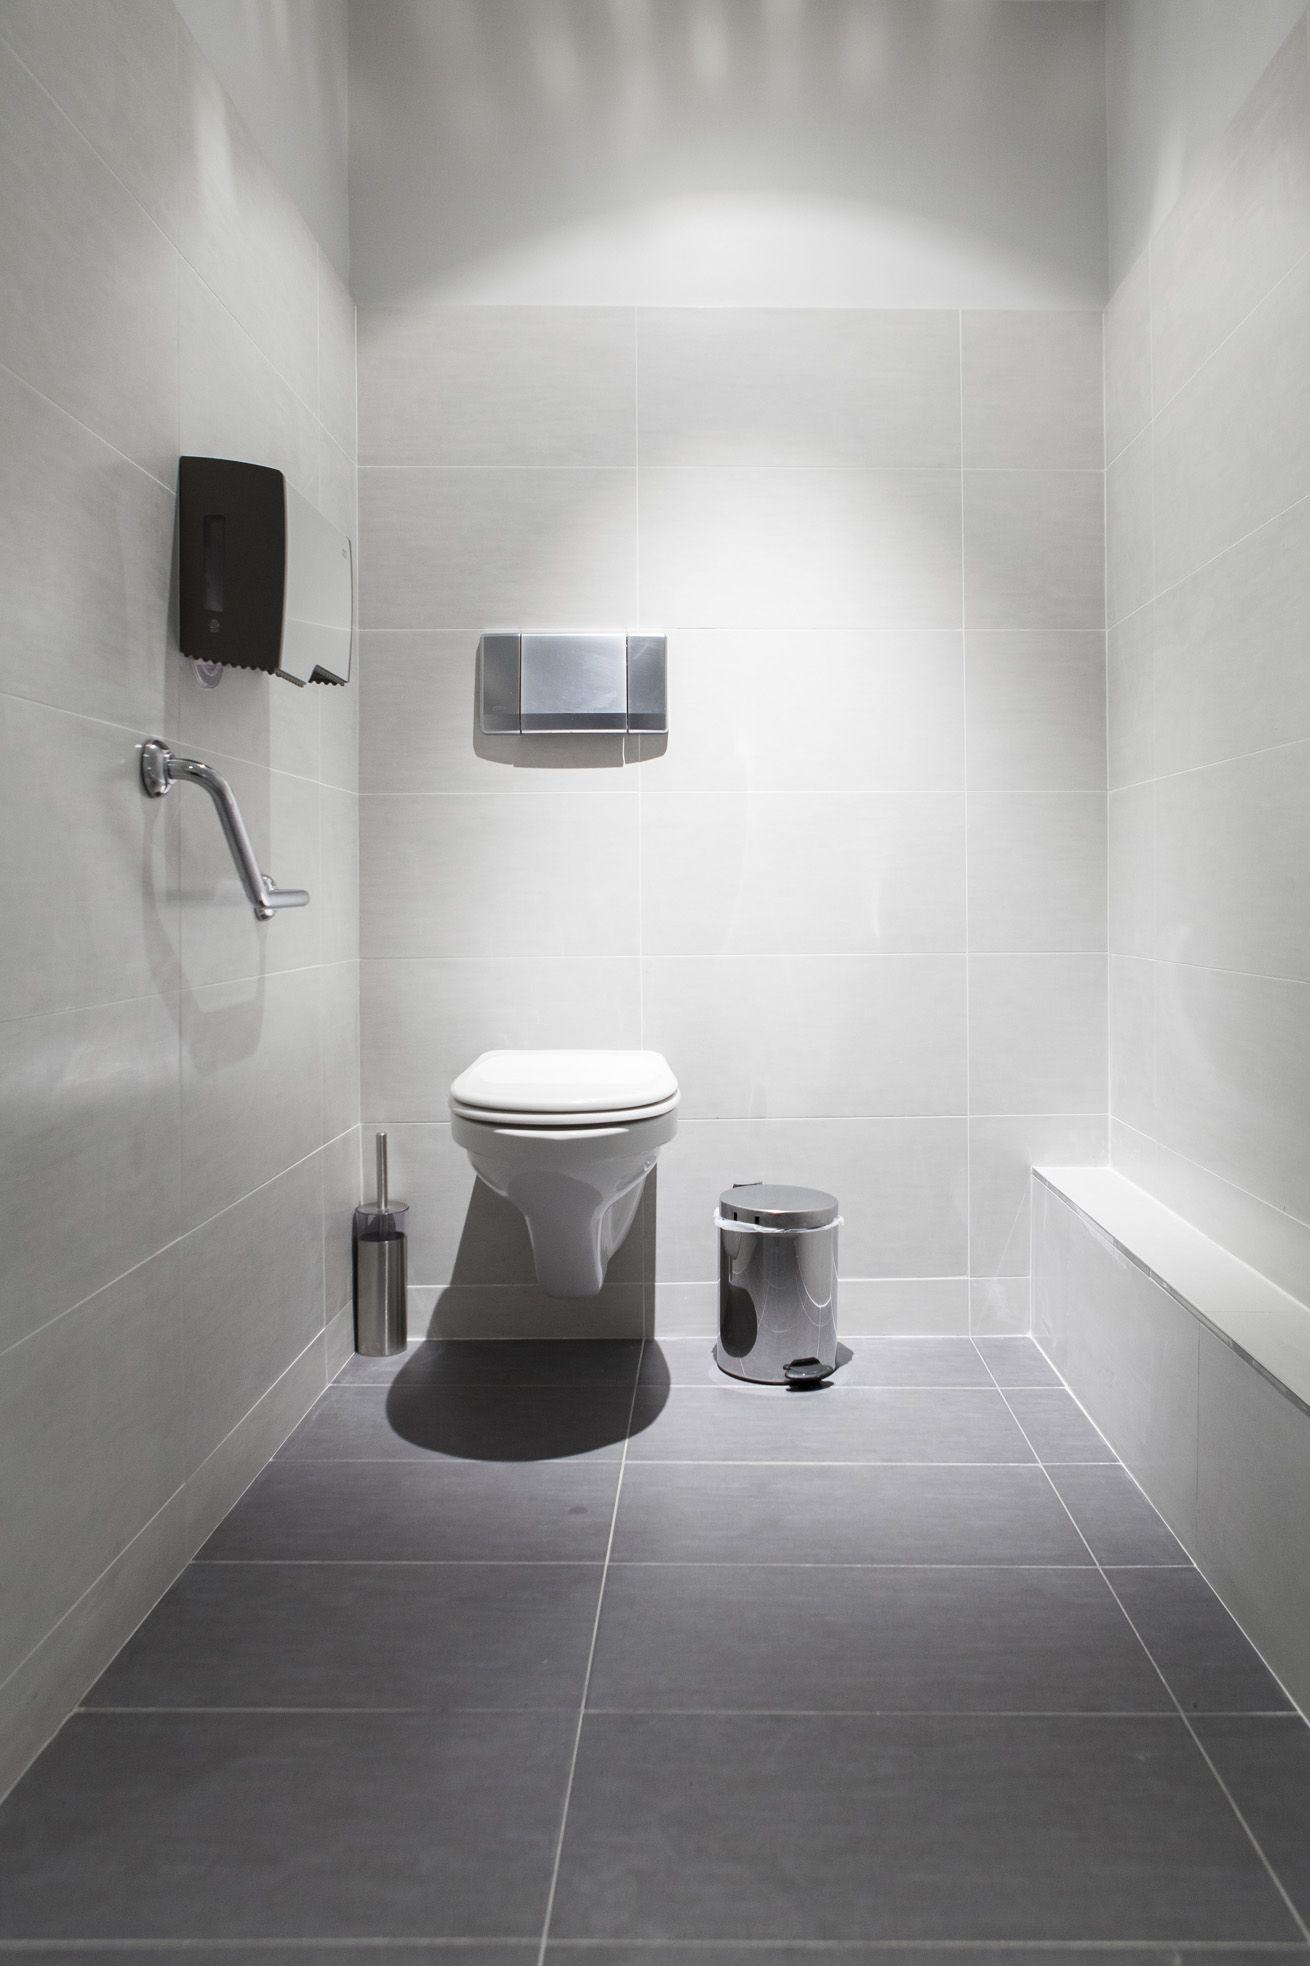 Casa-de-banho nos escritórios da Fromont Briens em Paris, França